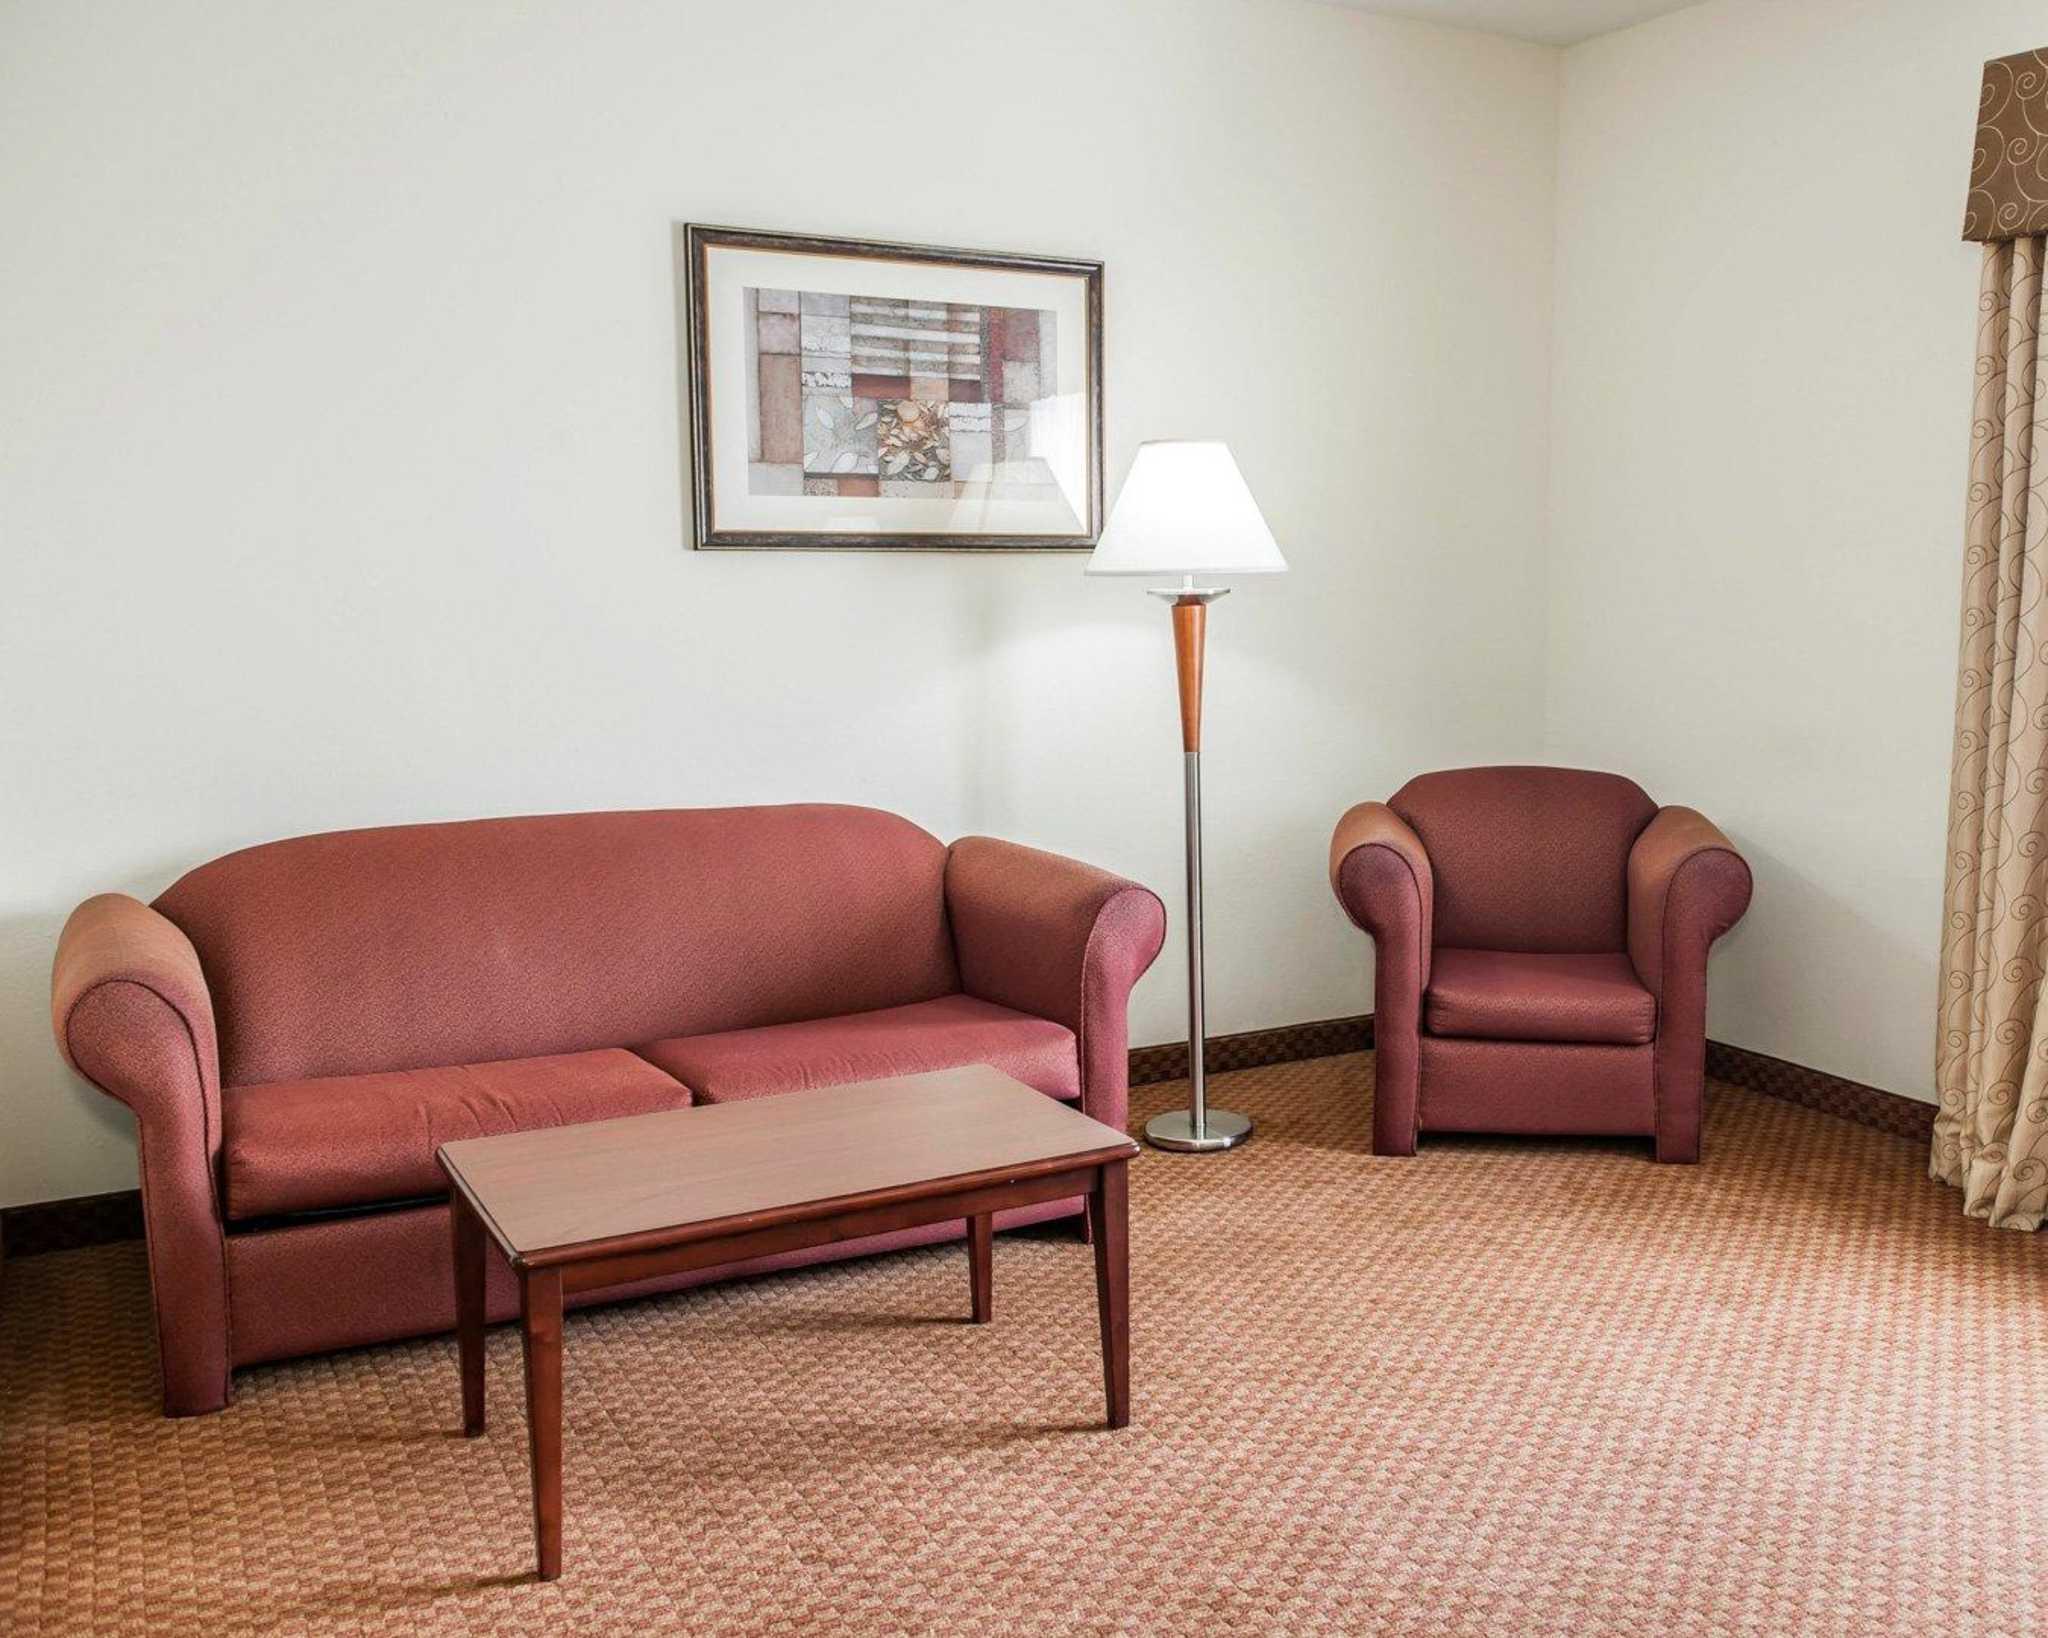 Comfort Suites Indianapolis Indiana In Localdatabase Com